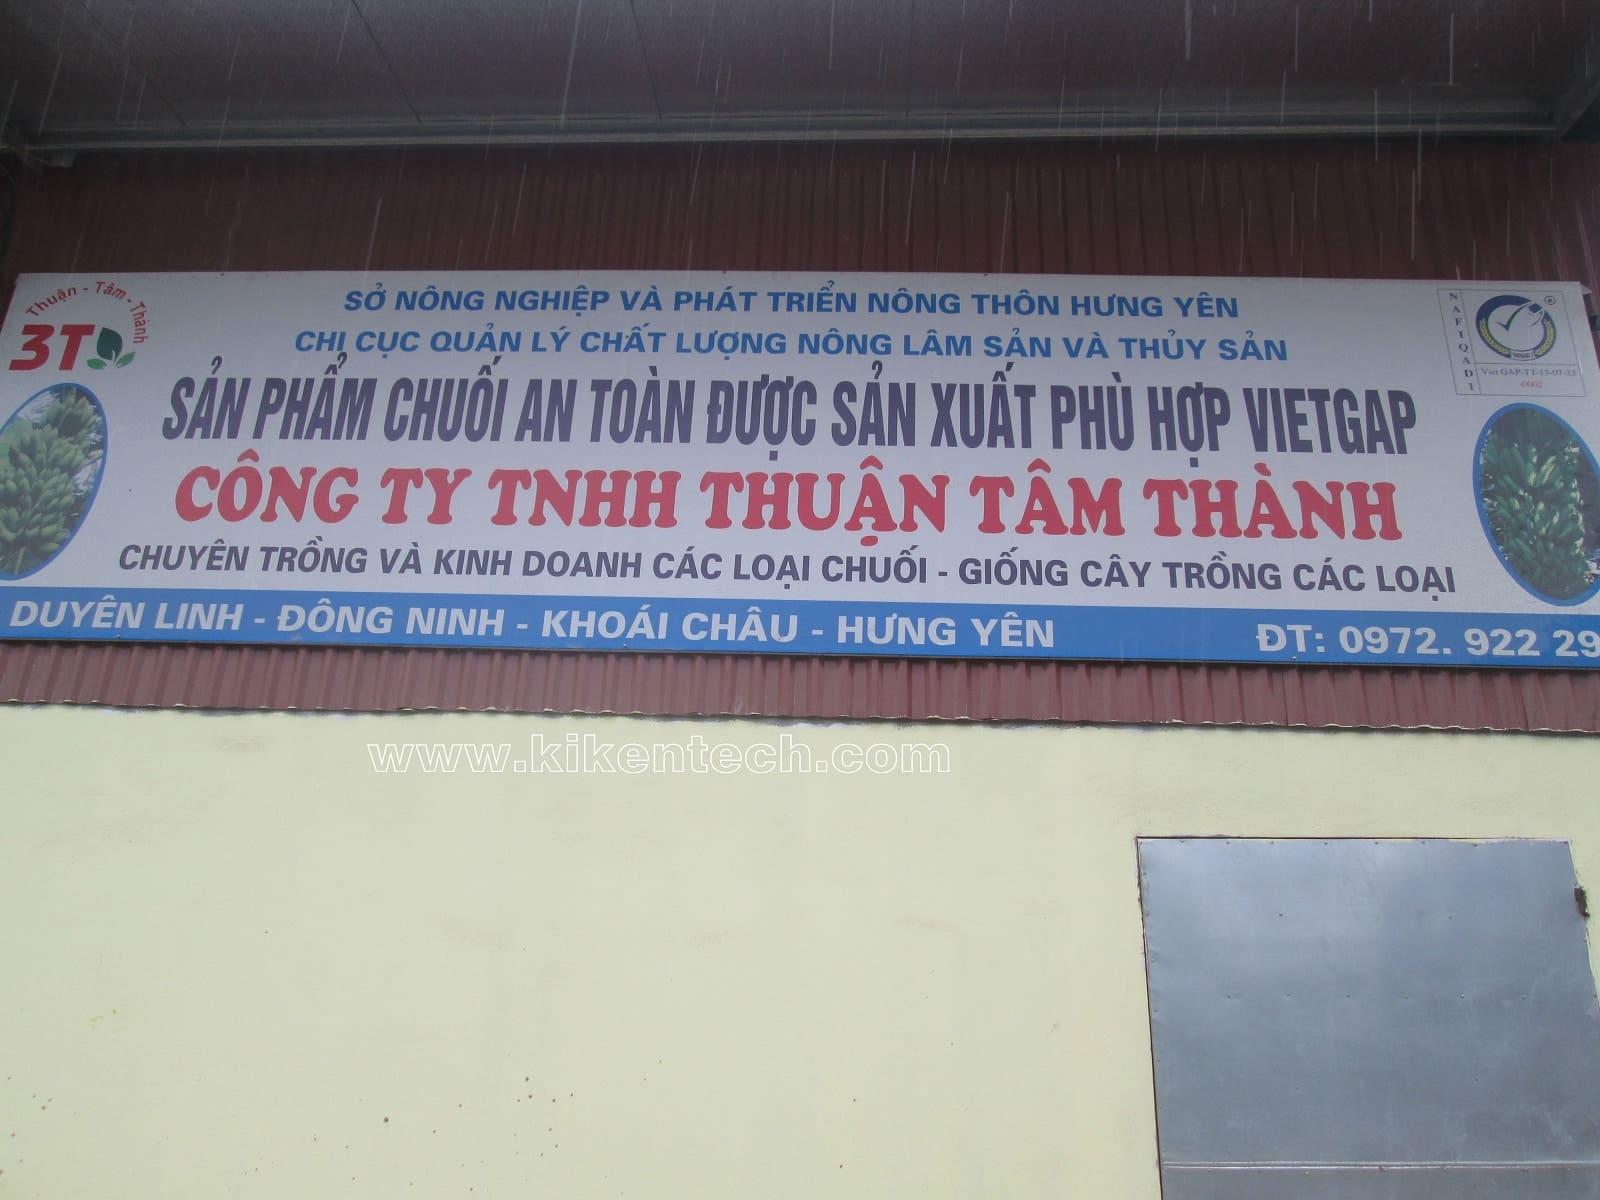 Dự án lắp đặt kho lạnh bảo quản chuối ở Hưng Yên